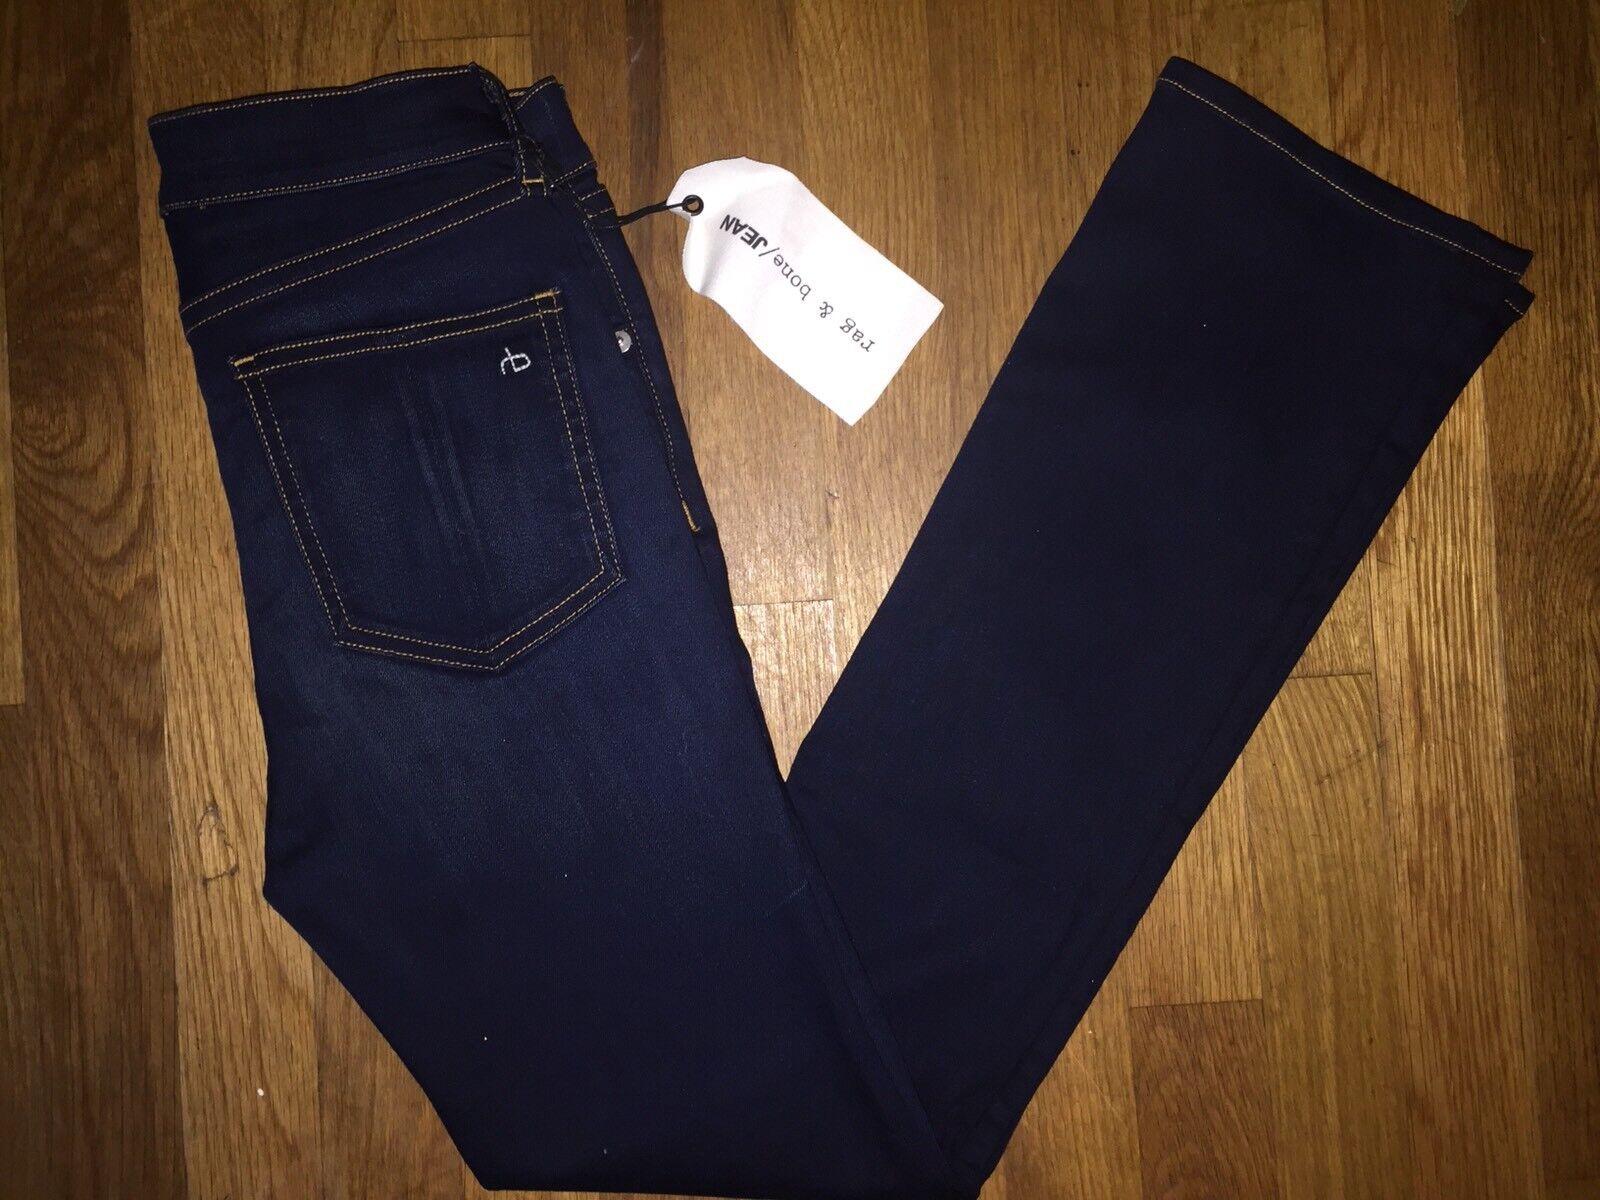 NOUVEAU  Neuf avec étiquettes RAG & BONE Jean Hana taille haute CROP jeans Bedford taille 25